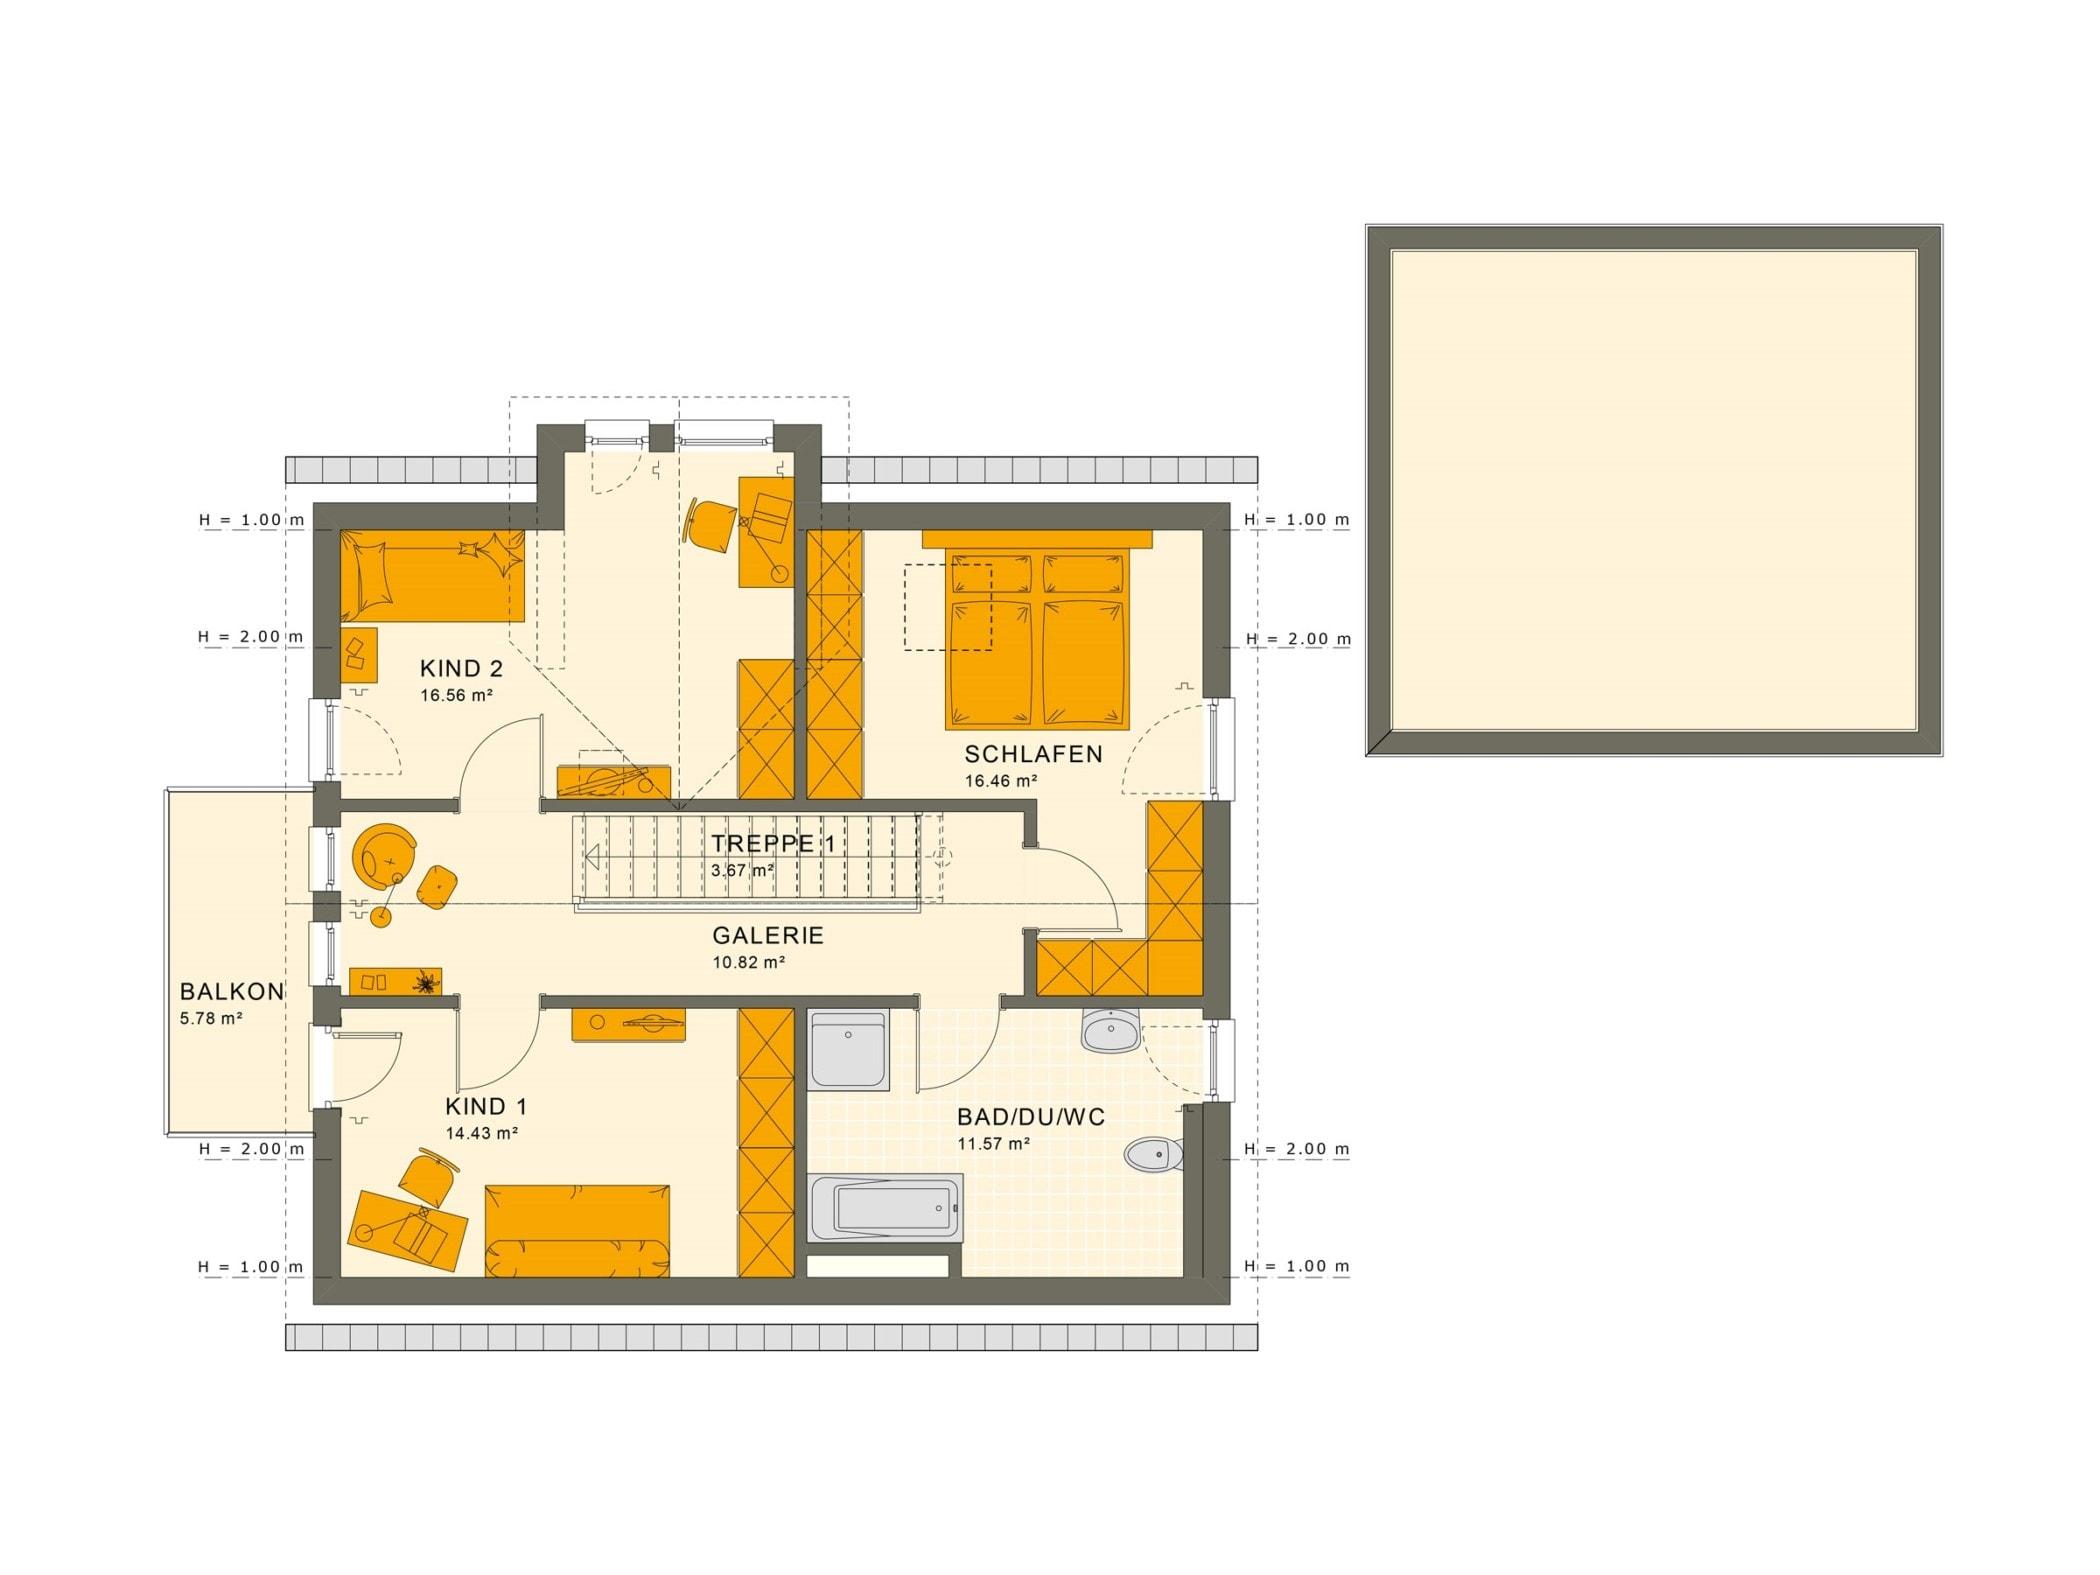 Grundriss Einfamilienhaus Obergeschoss mit Satteldach & Galerie - Fertighaus Living Haus SUNSHINE 144 V3 - HausbauDirekt.de